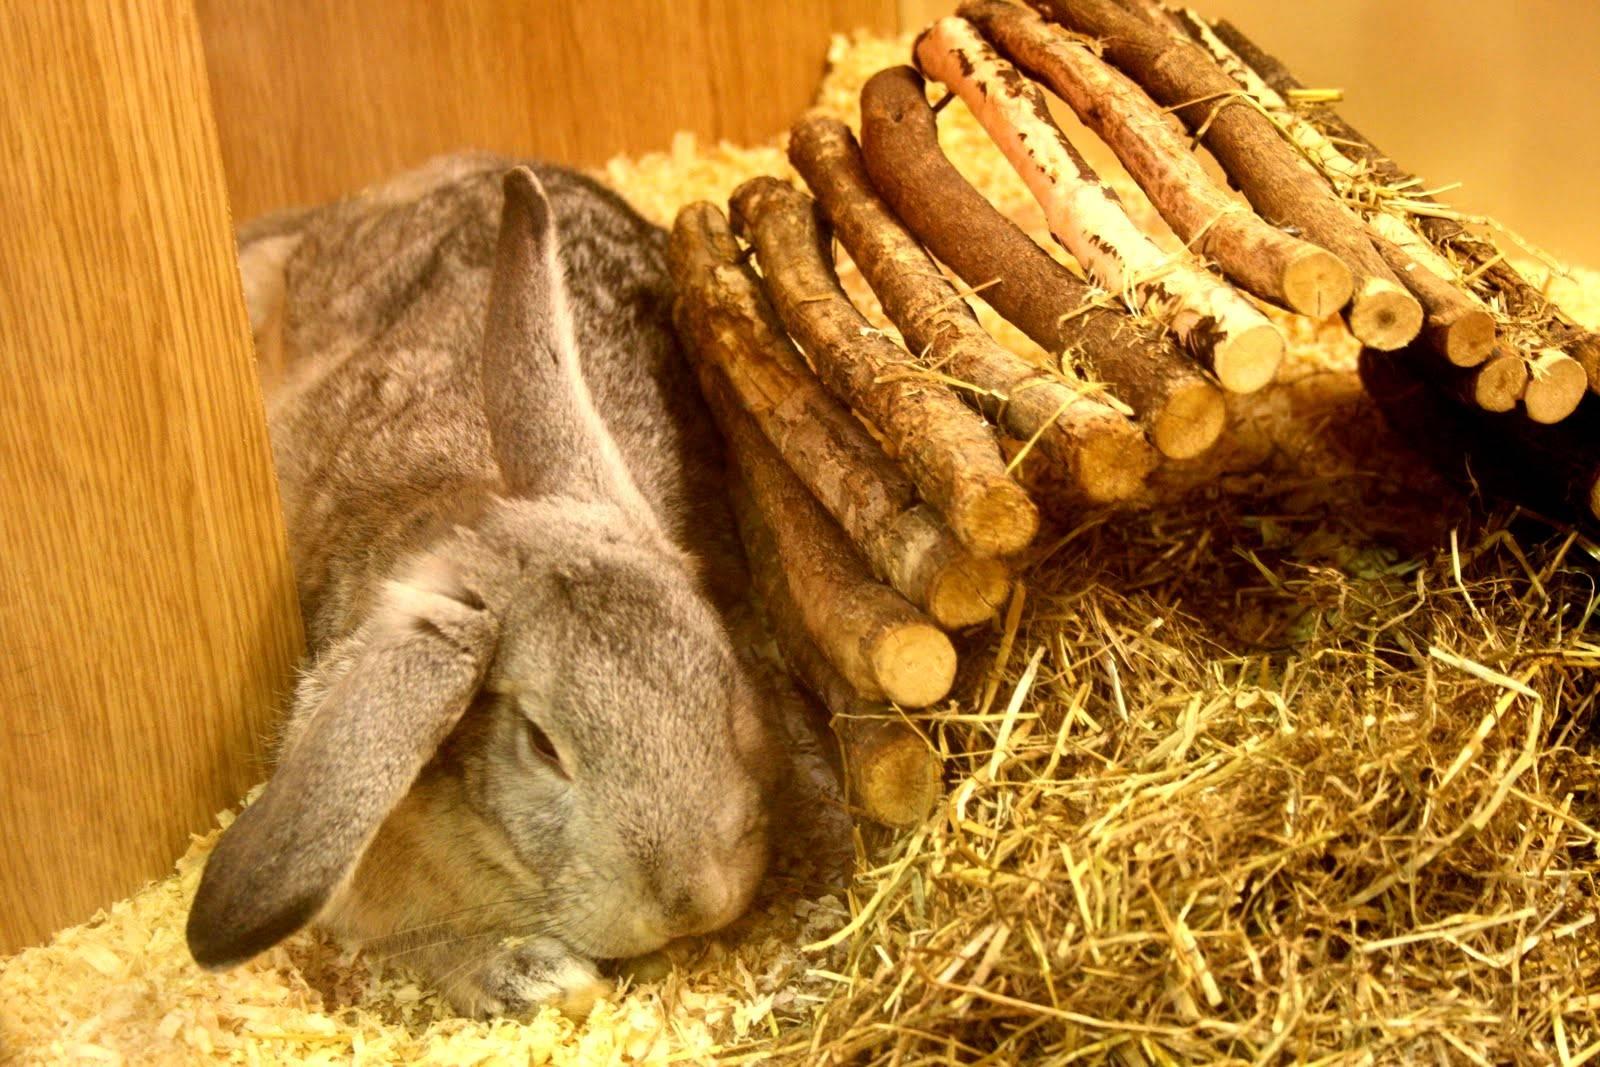 Кормление кроликов хлебом: польза и вред изделий из хлеба, правила и рекомендации по кормлению